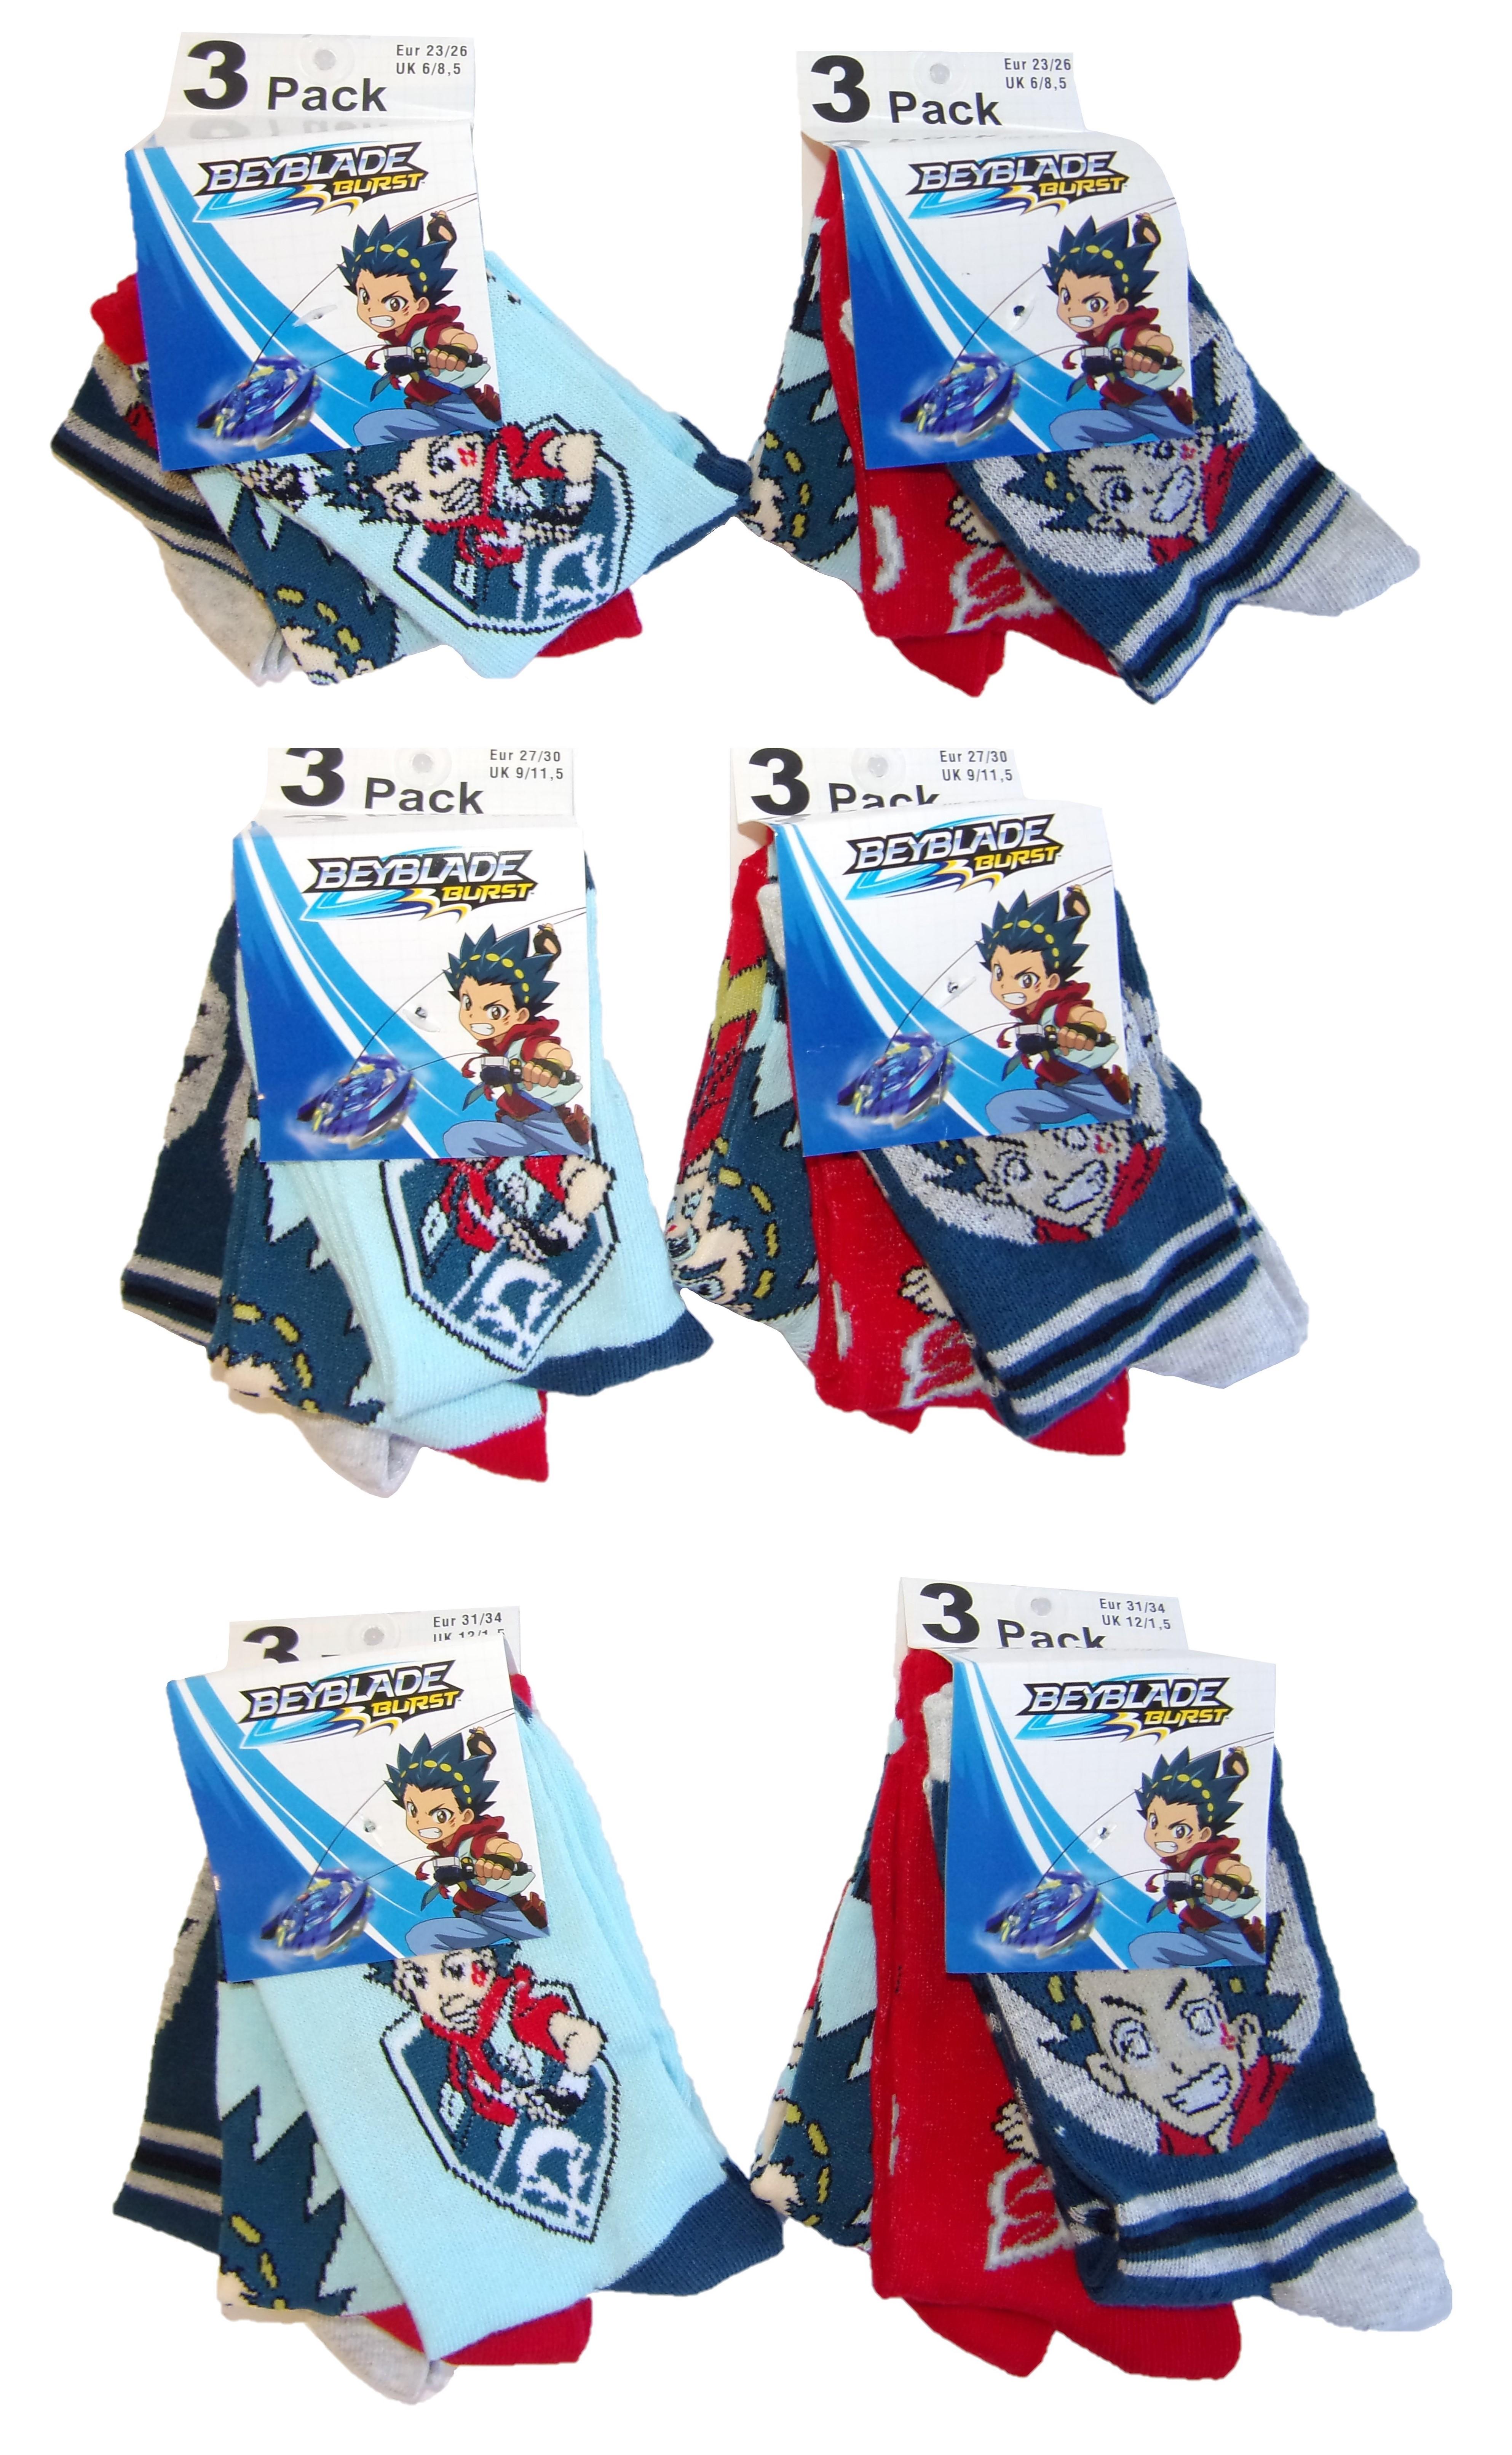 Beyblade Burst Socken für Kinder verschiedene Größen (6er Pack) (Auswahl)